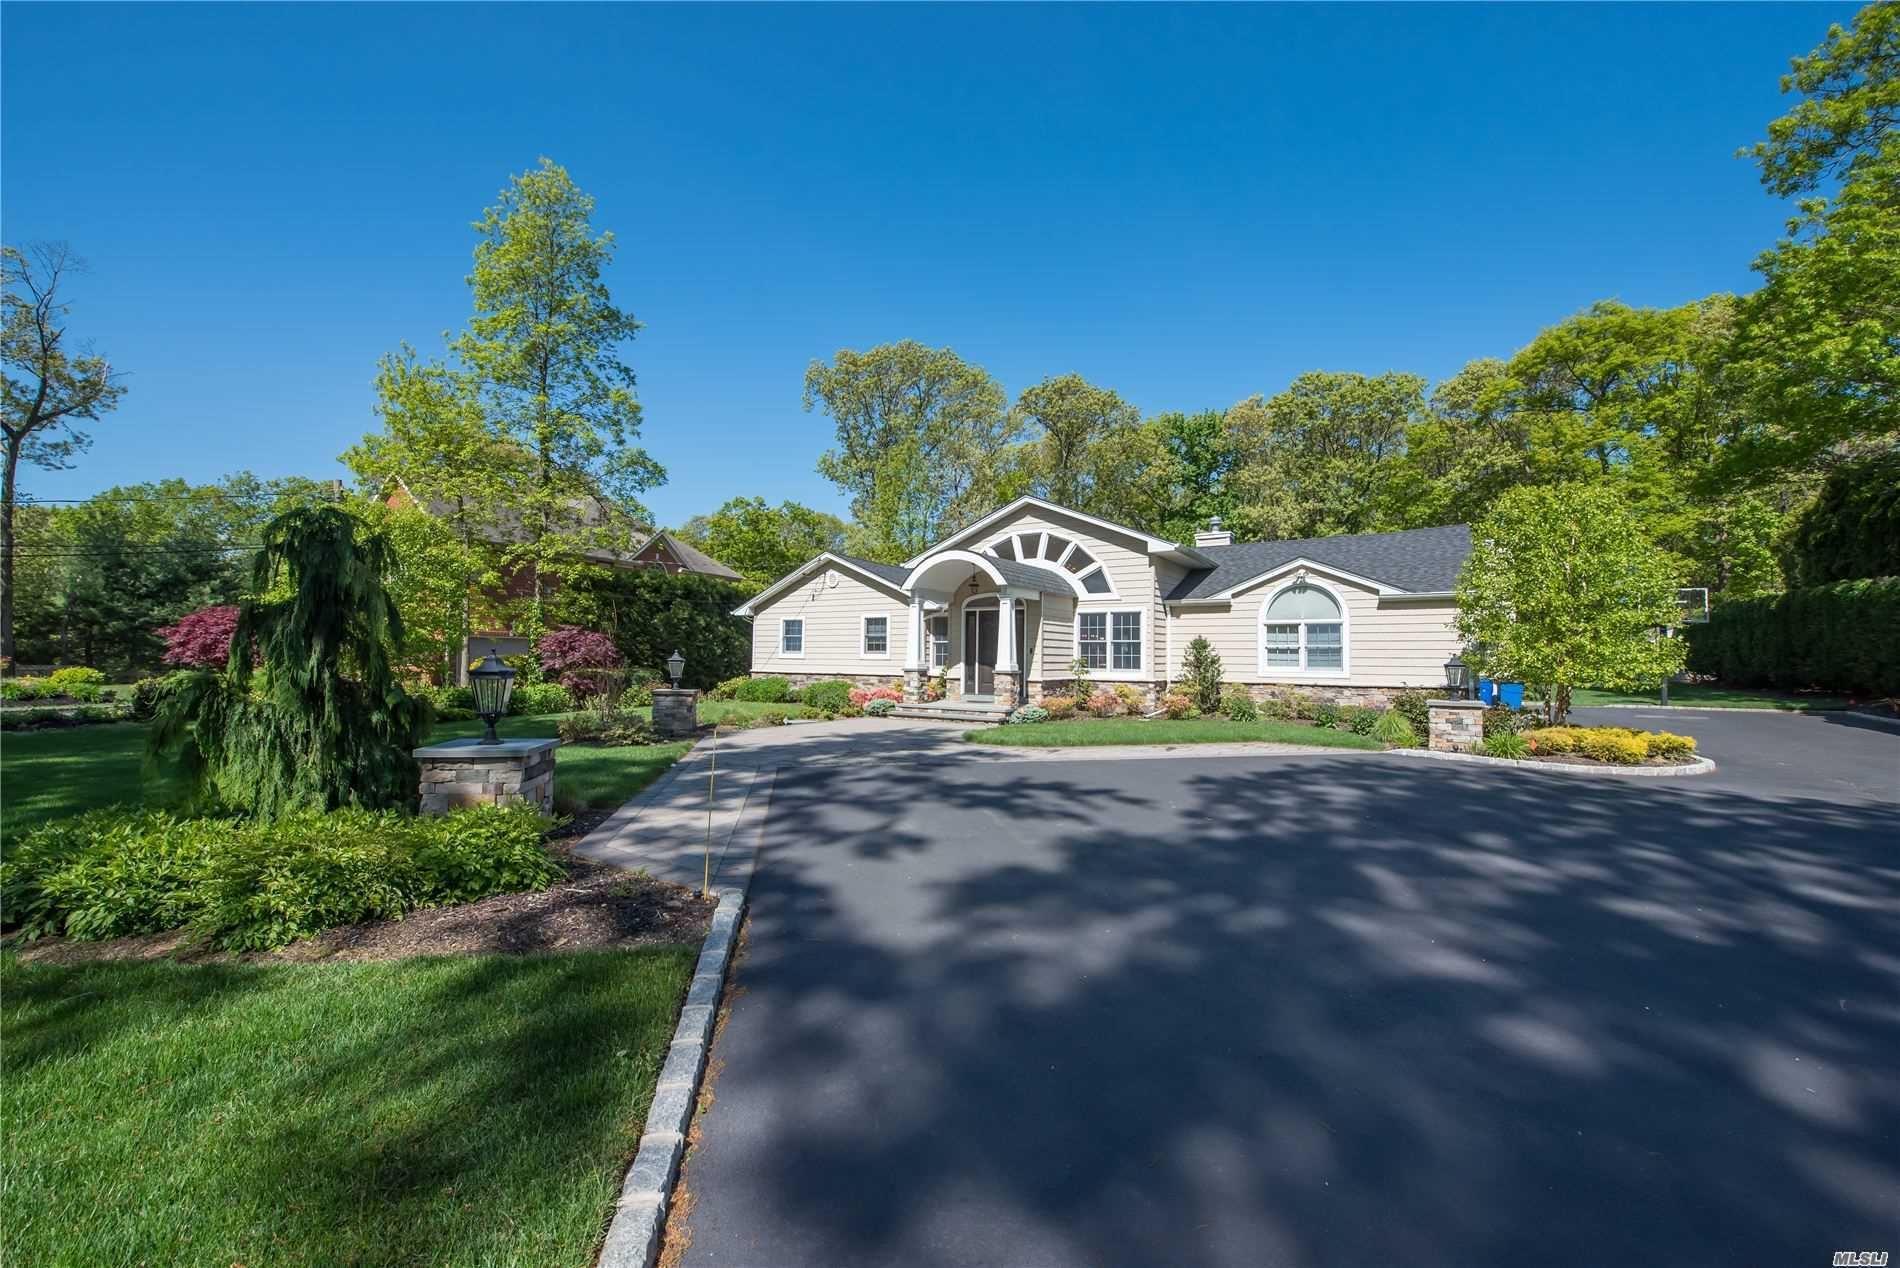 21 Buttonwood Drive, Dix Hills, NY 11746 - MLS#: 3215371